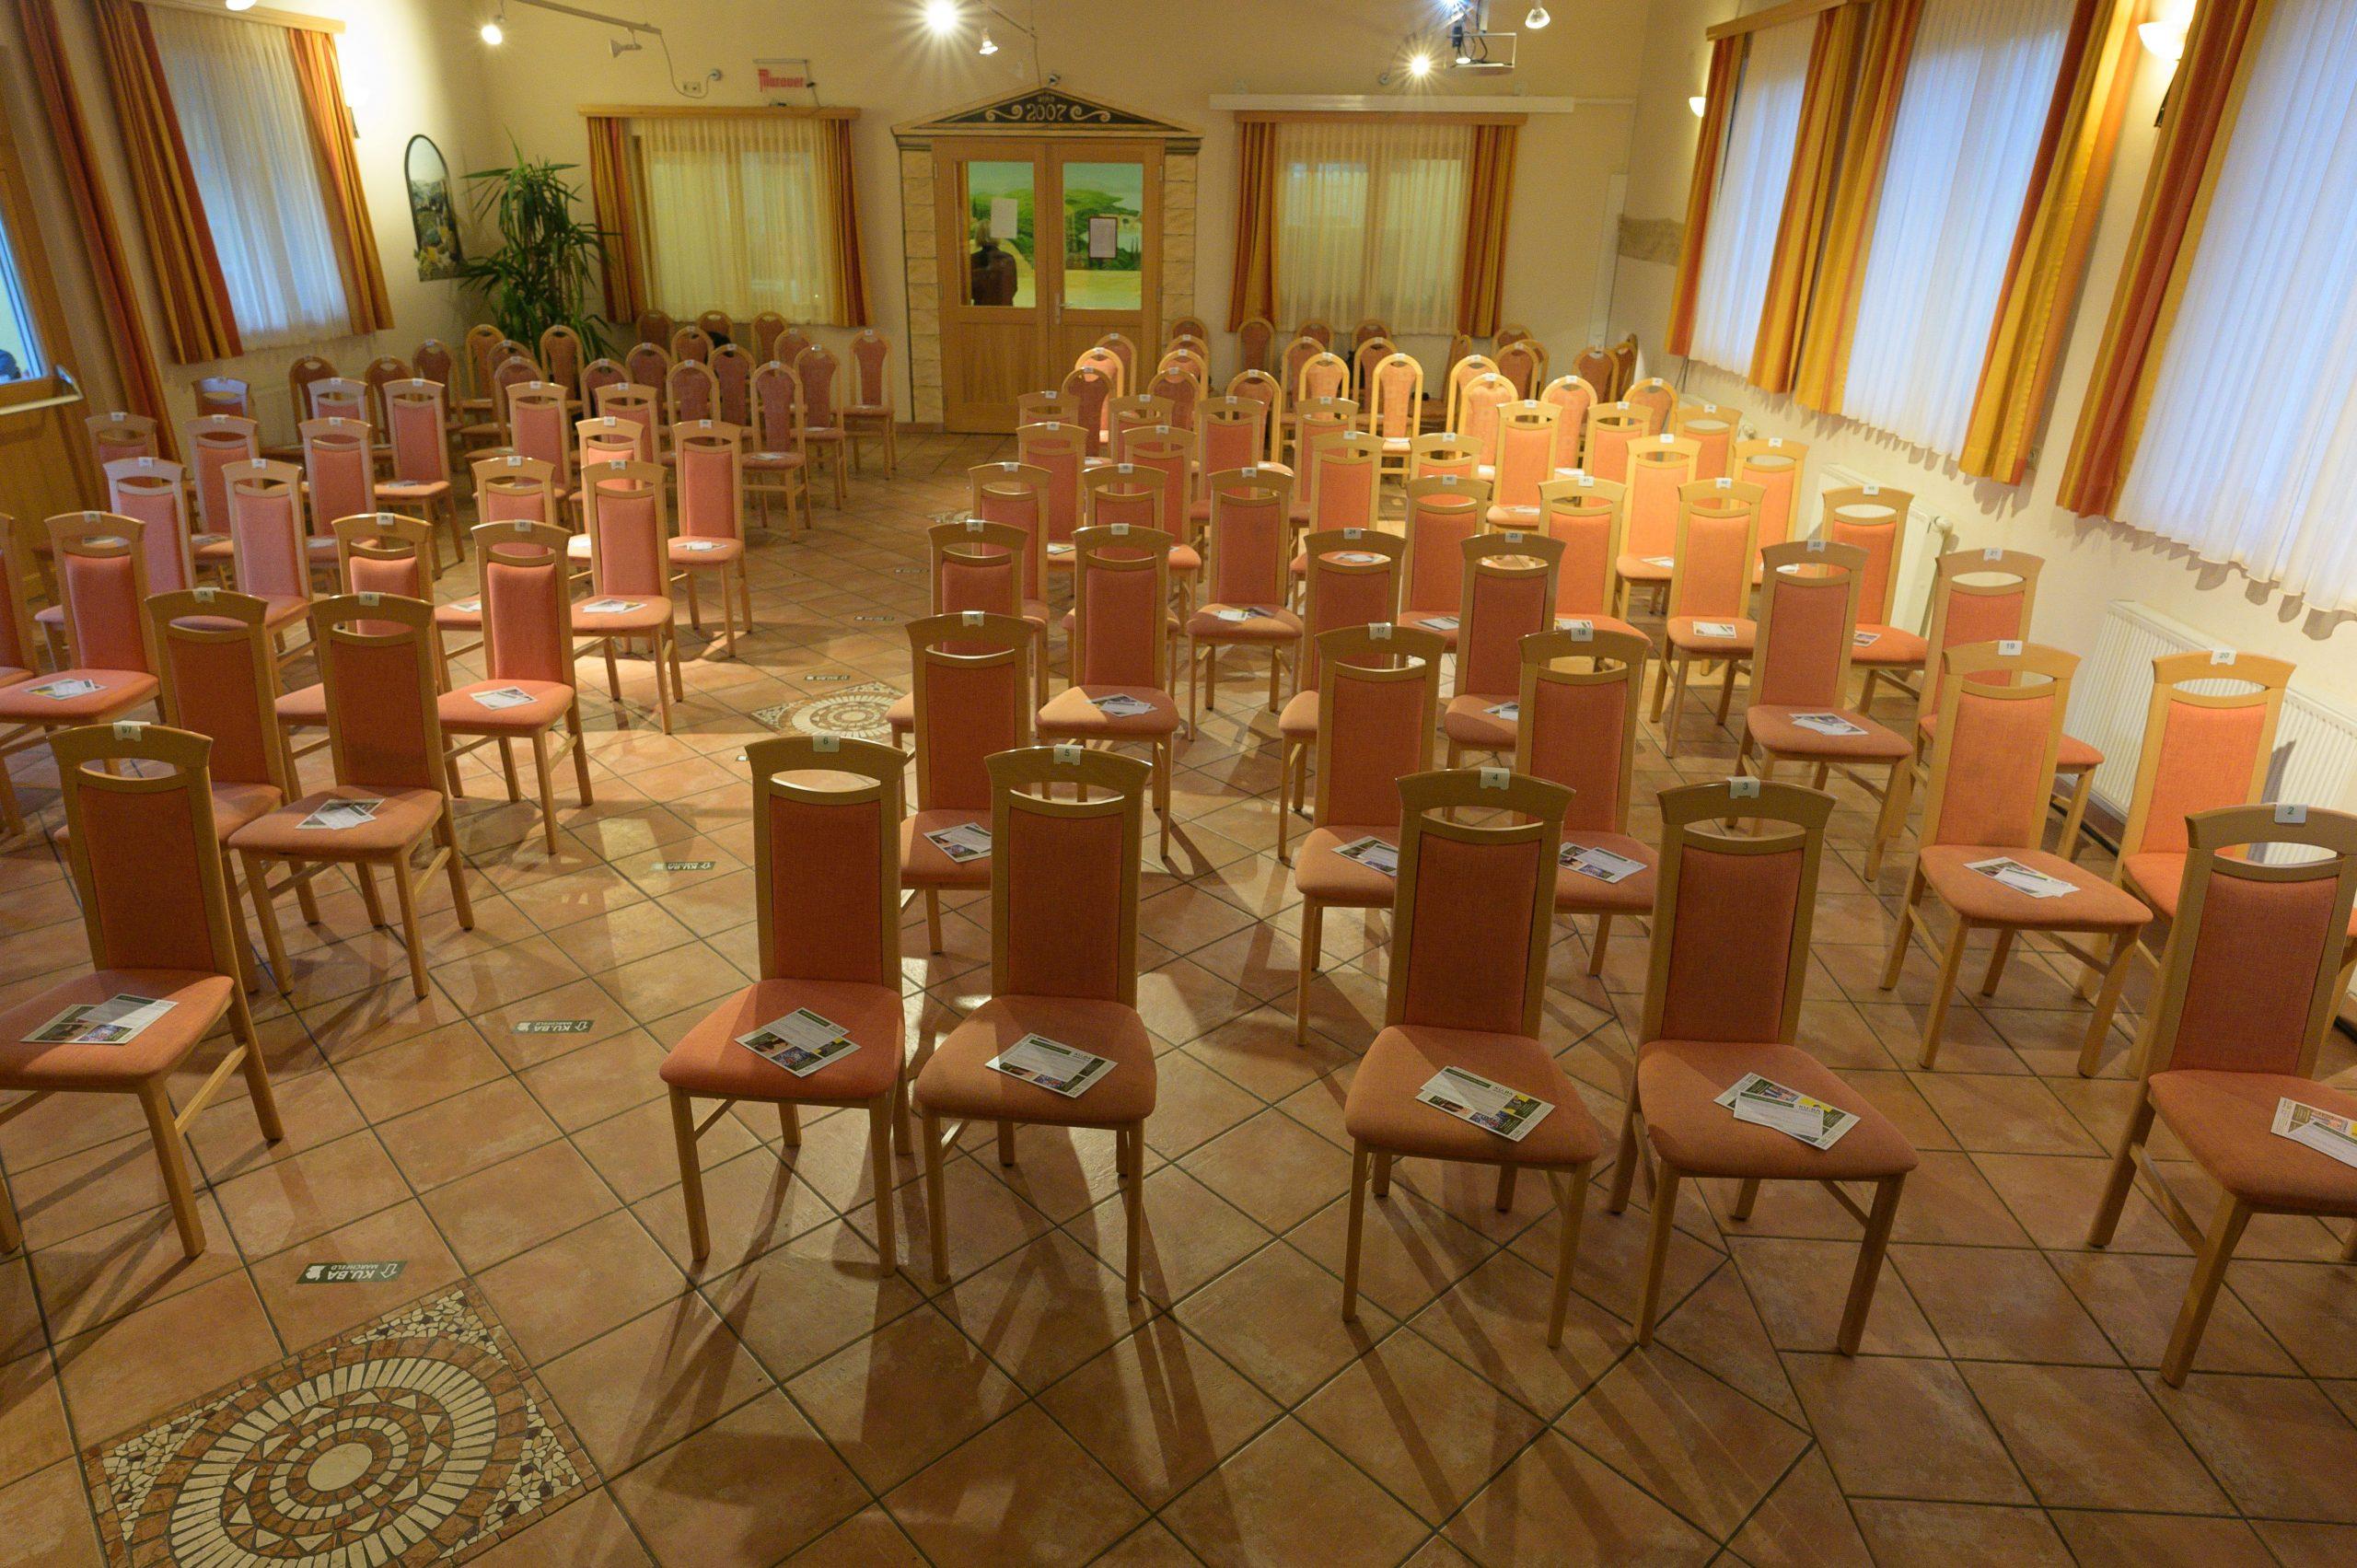 Veranstaltungssaal KU.BA im Marchfeld, Corona-Abstand (c) Robert Reiser